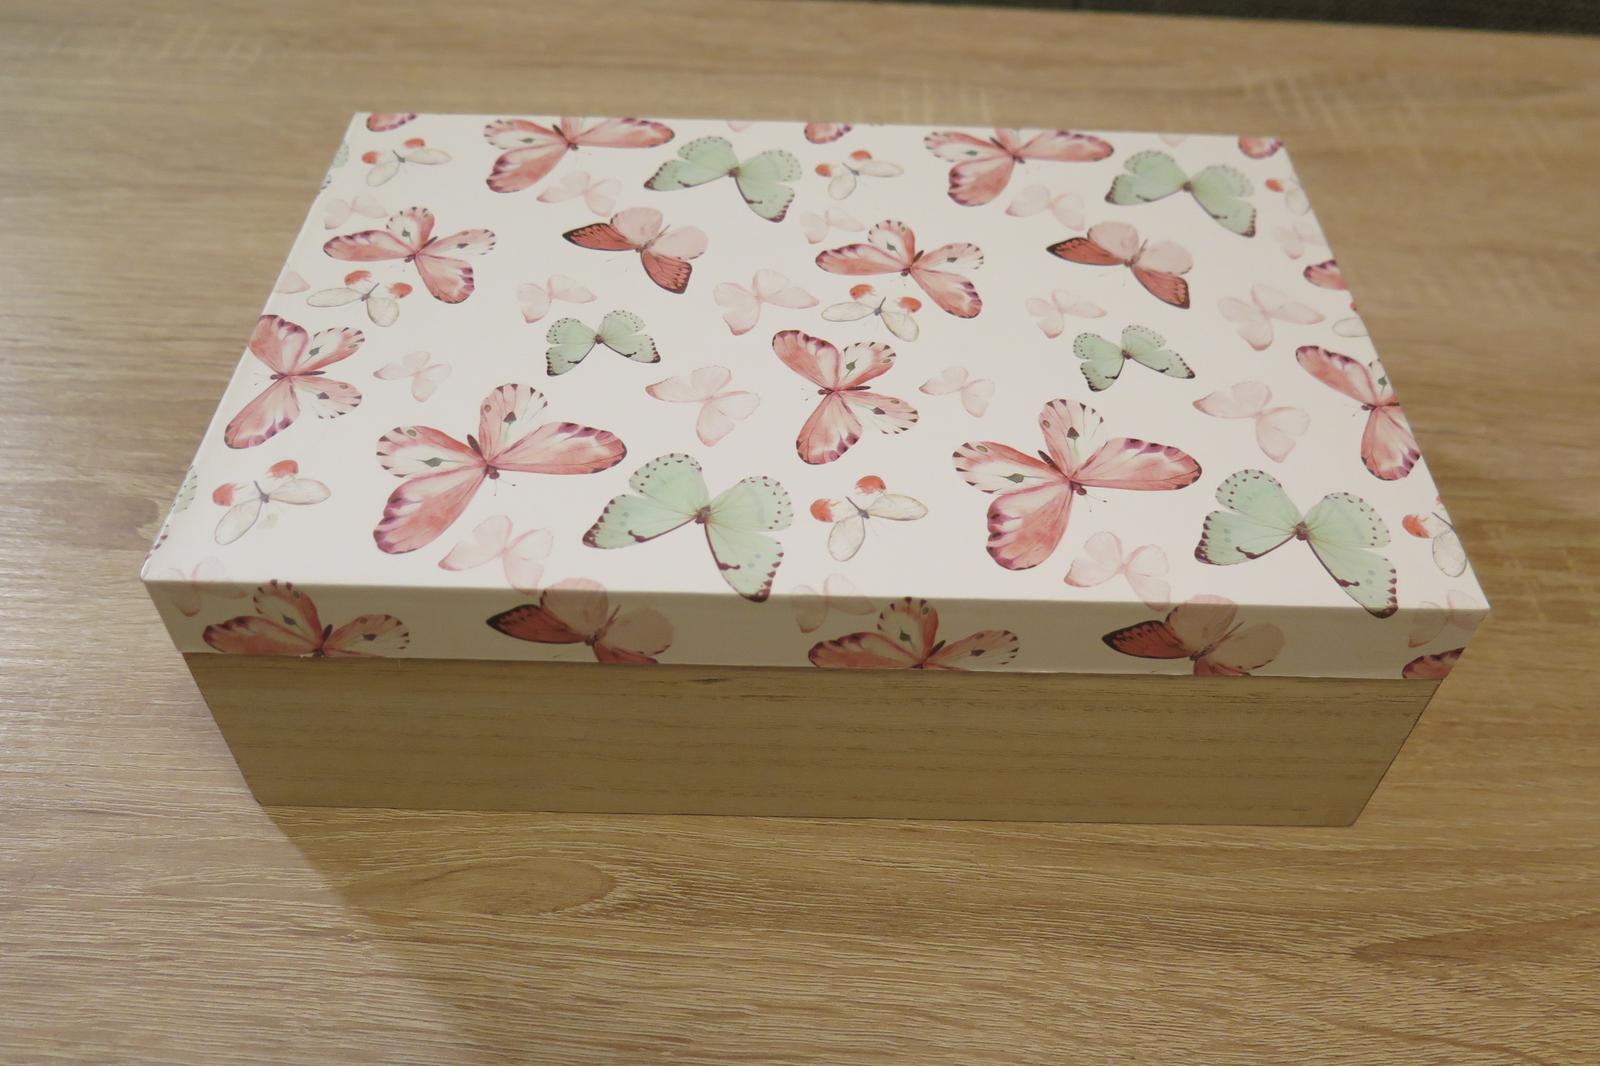 Dřevěná krabička s motýlky - Obrázek č. 1